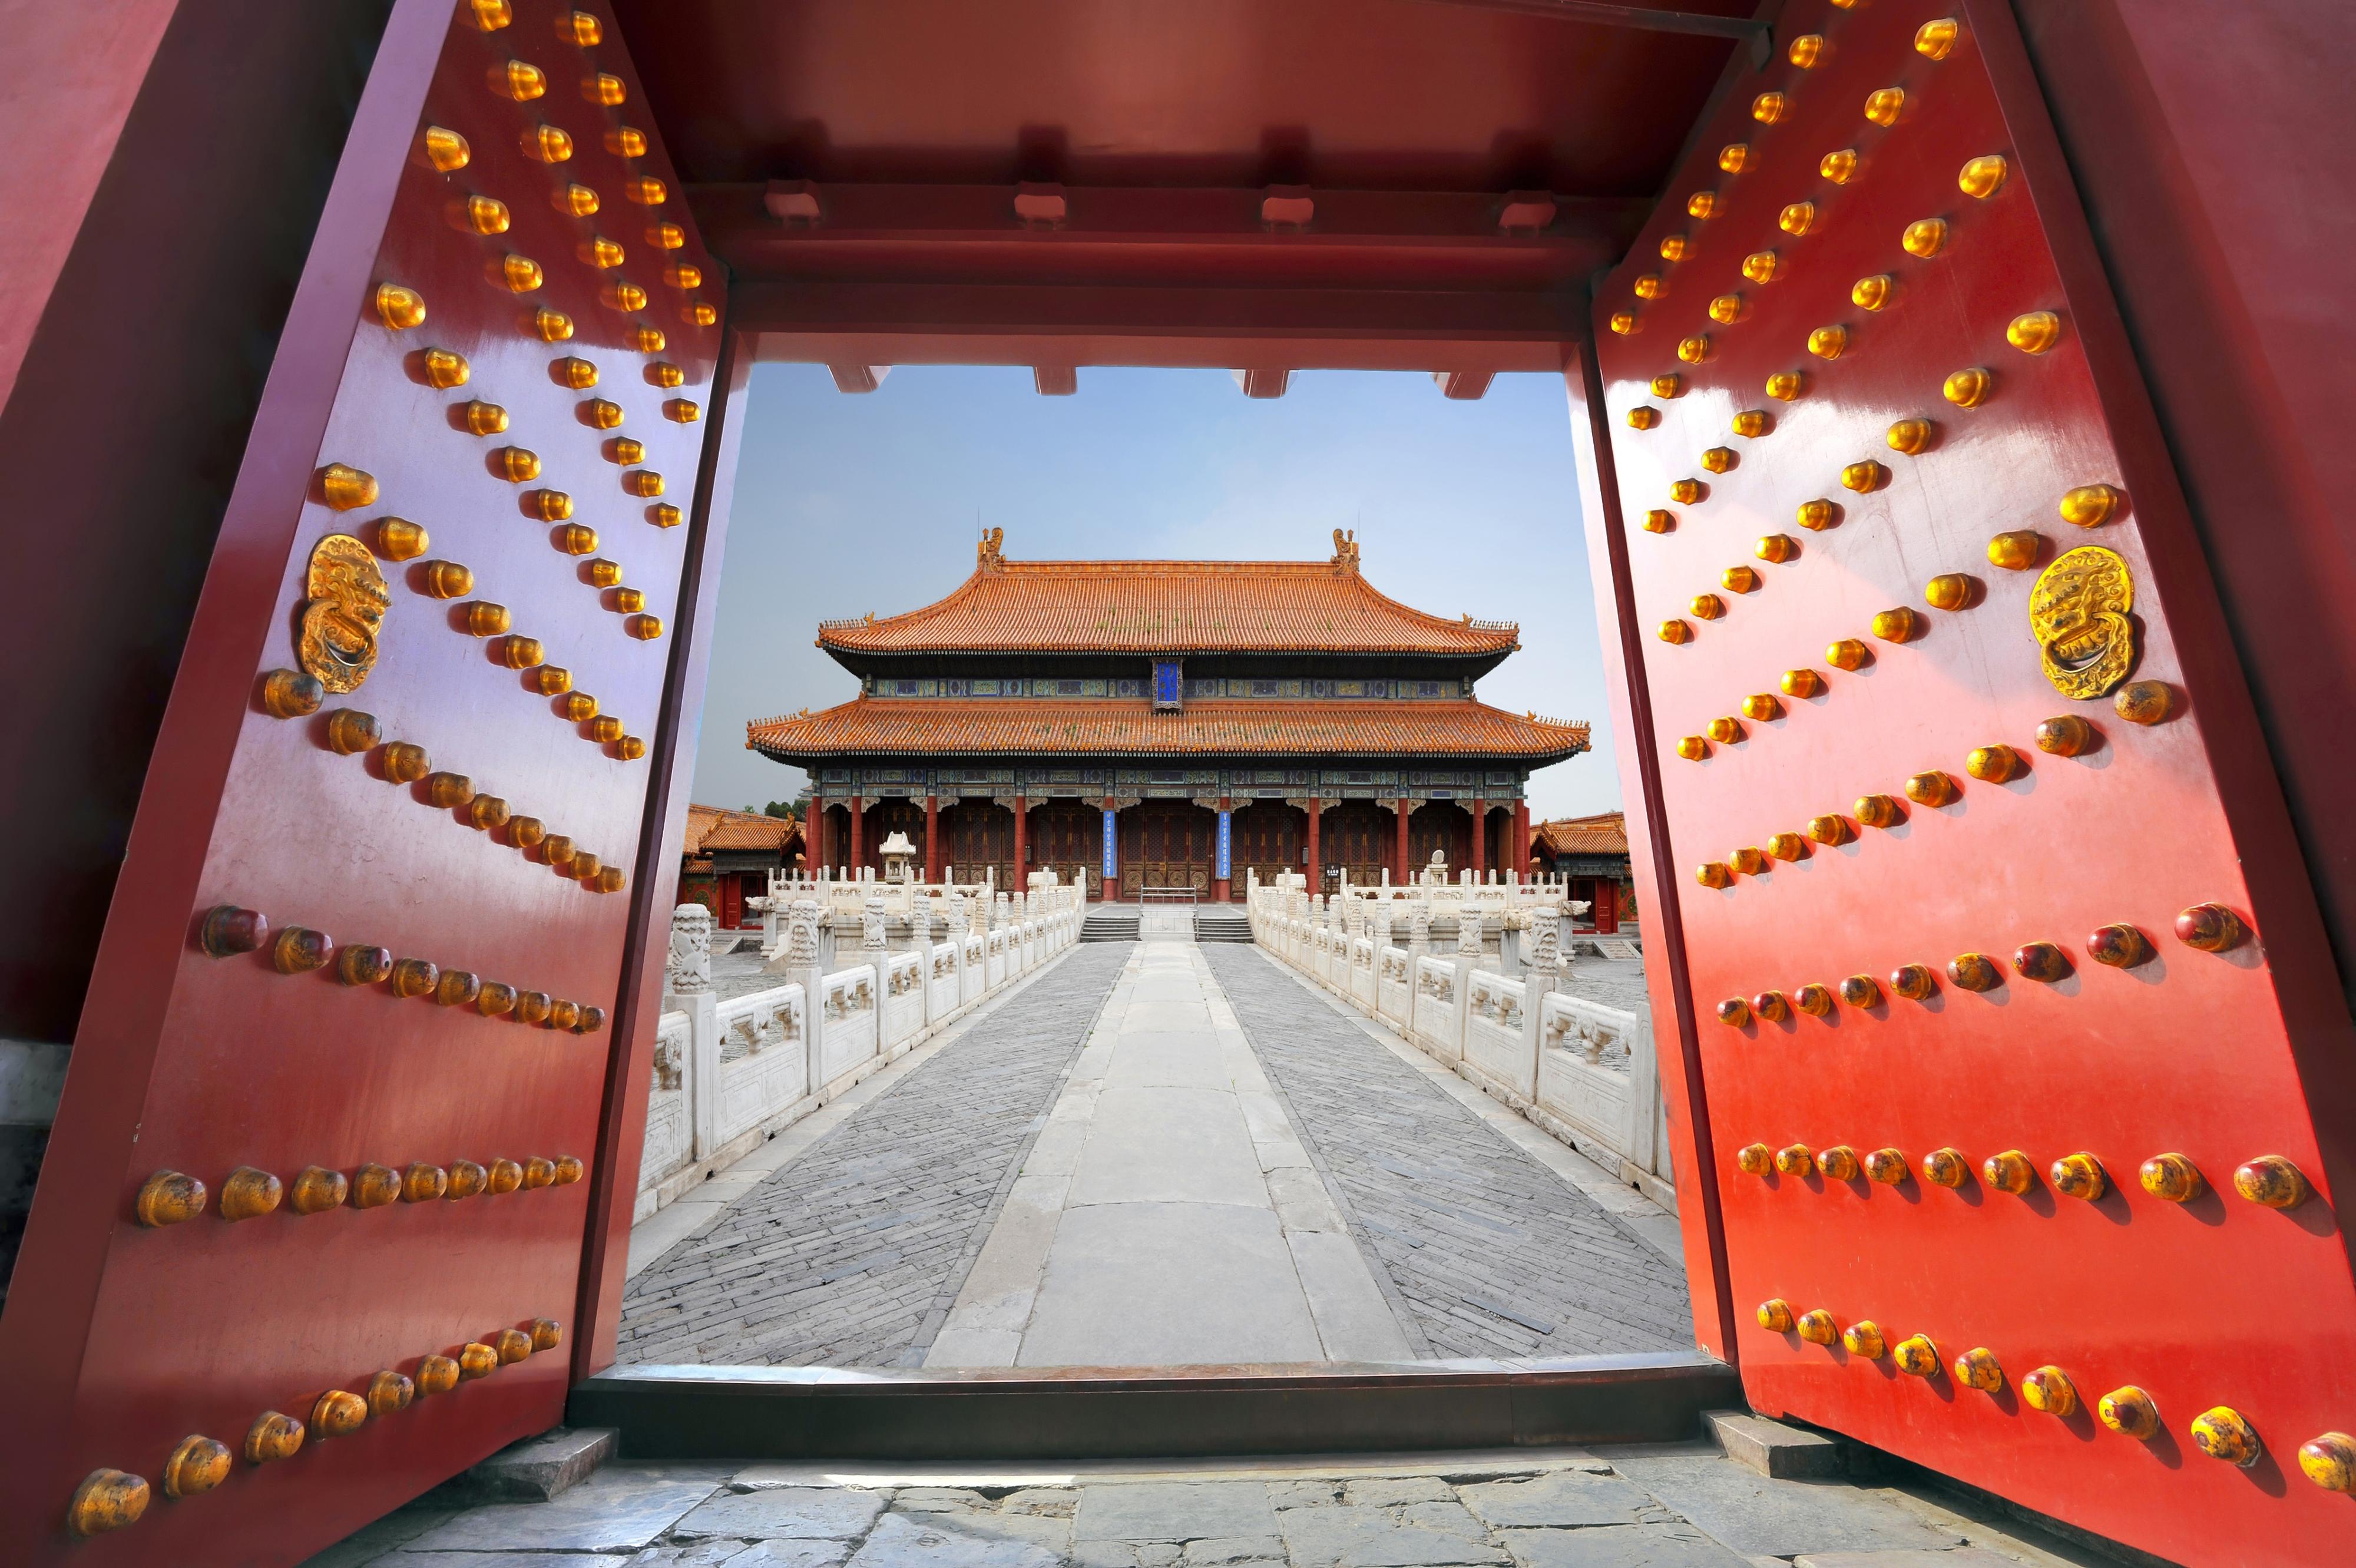 Tian'anmen Square Forbidden City, Half day No shopping tour